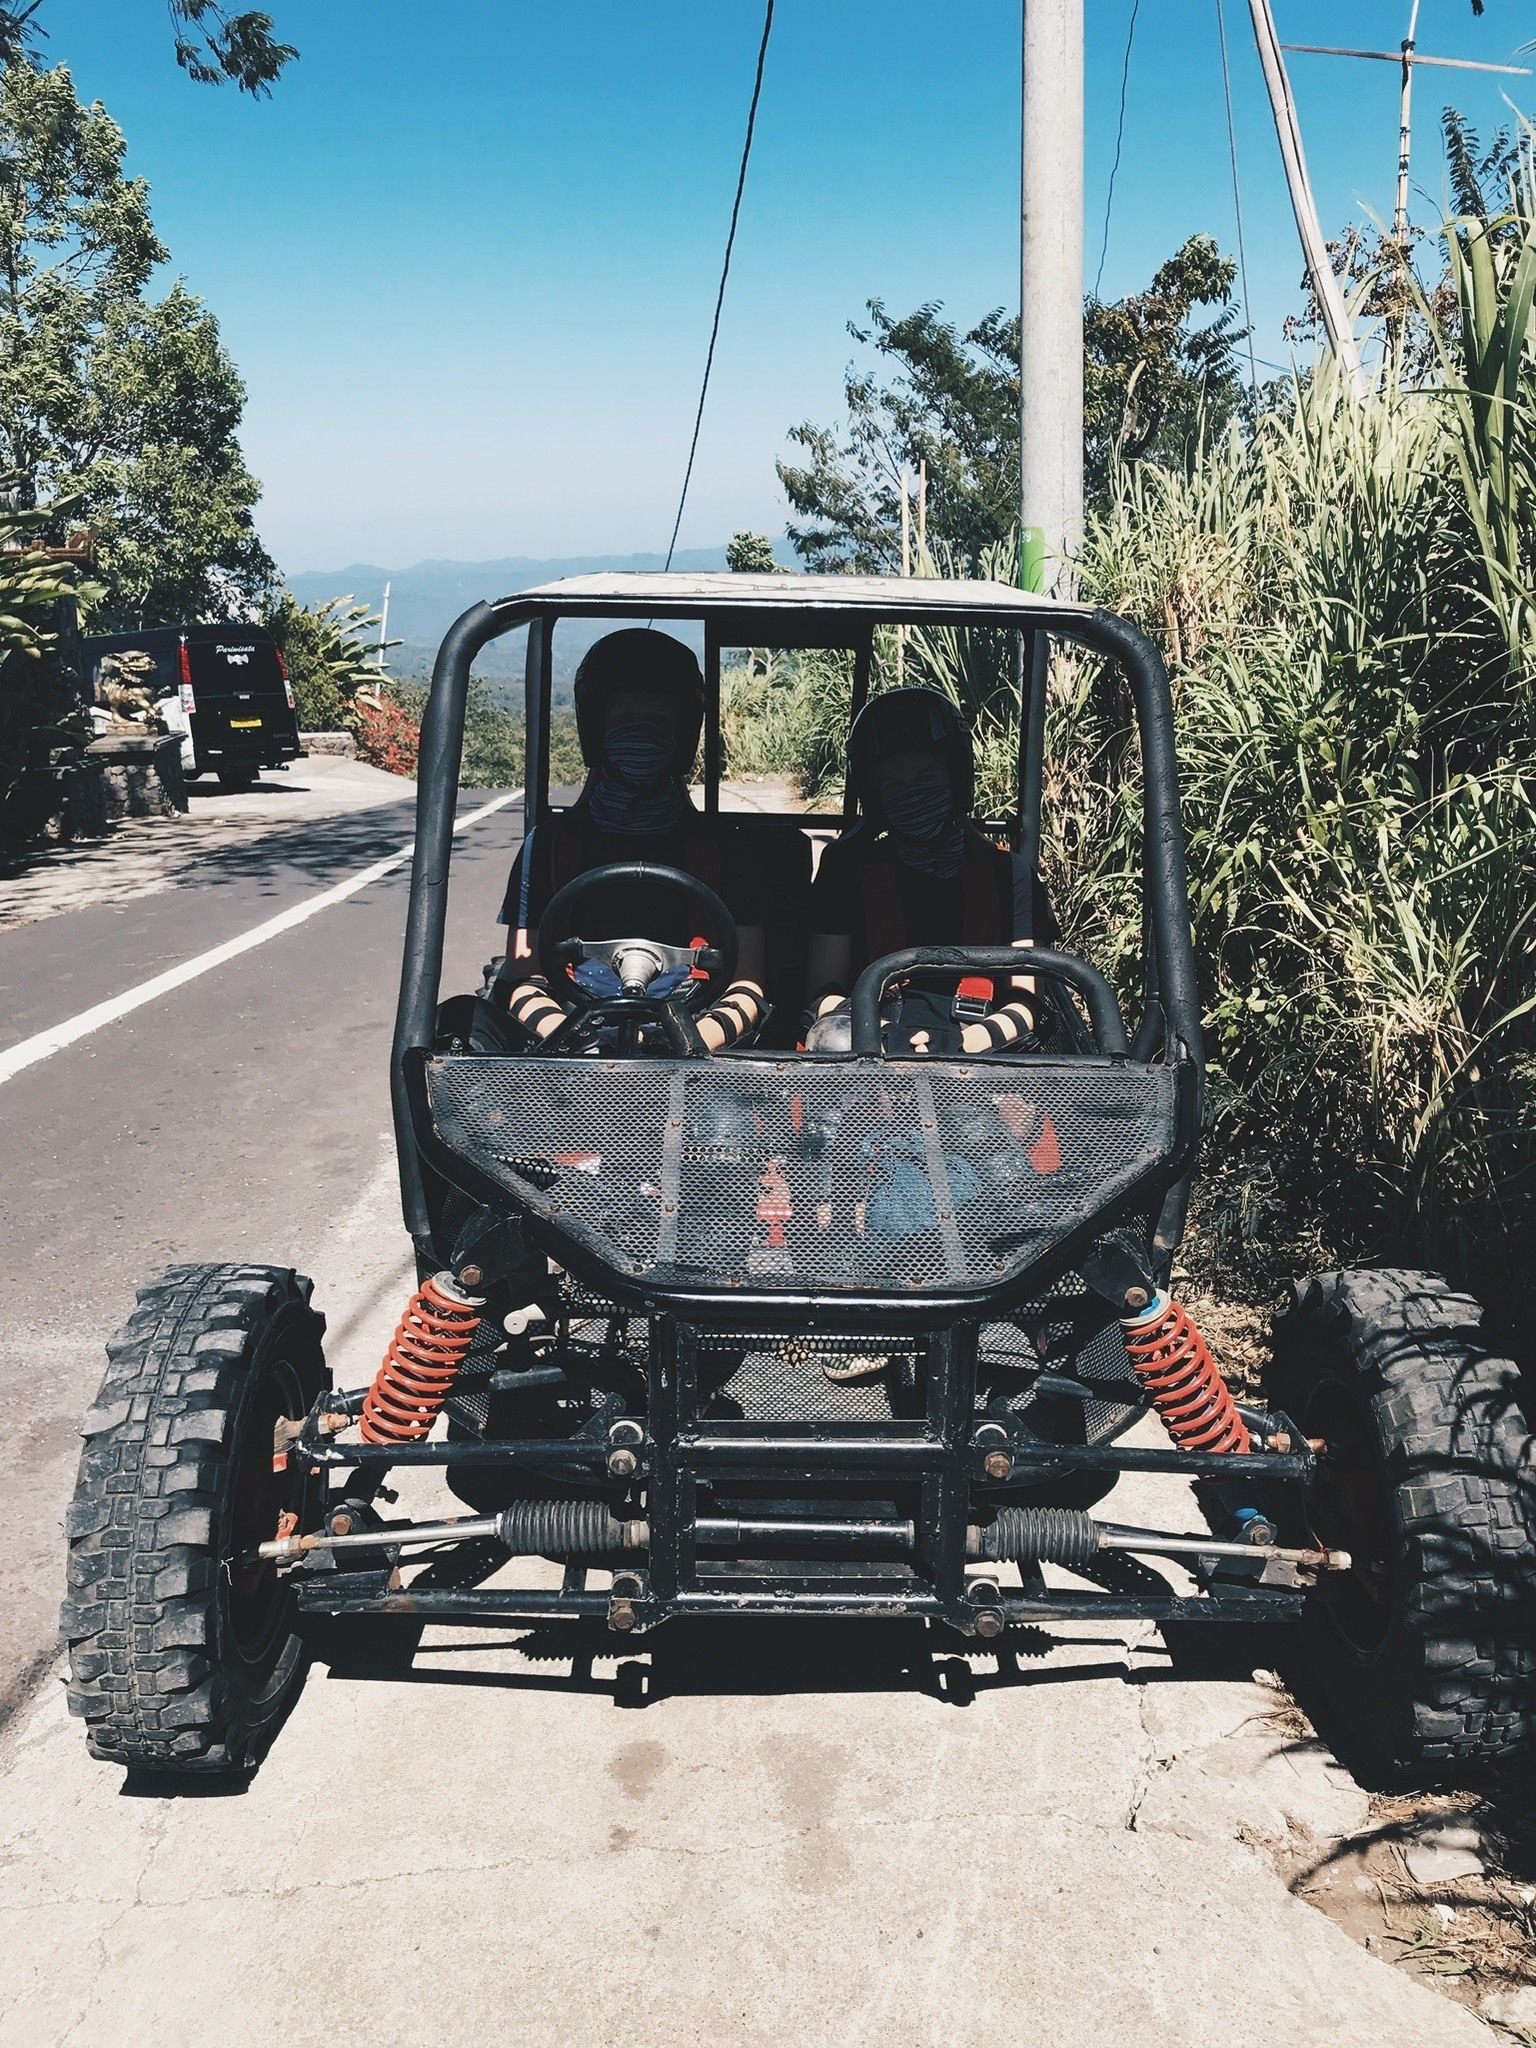 REJSE GUIDE <strong>BALI</strong> - Ubud, Lembongan, Ceningan & Sanur 85